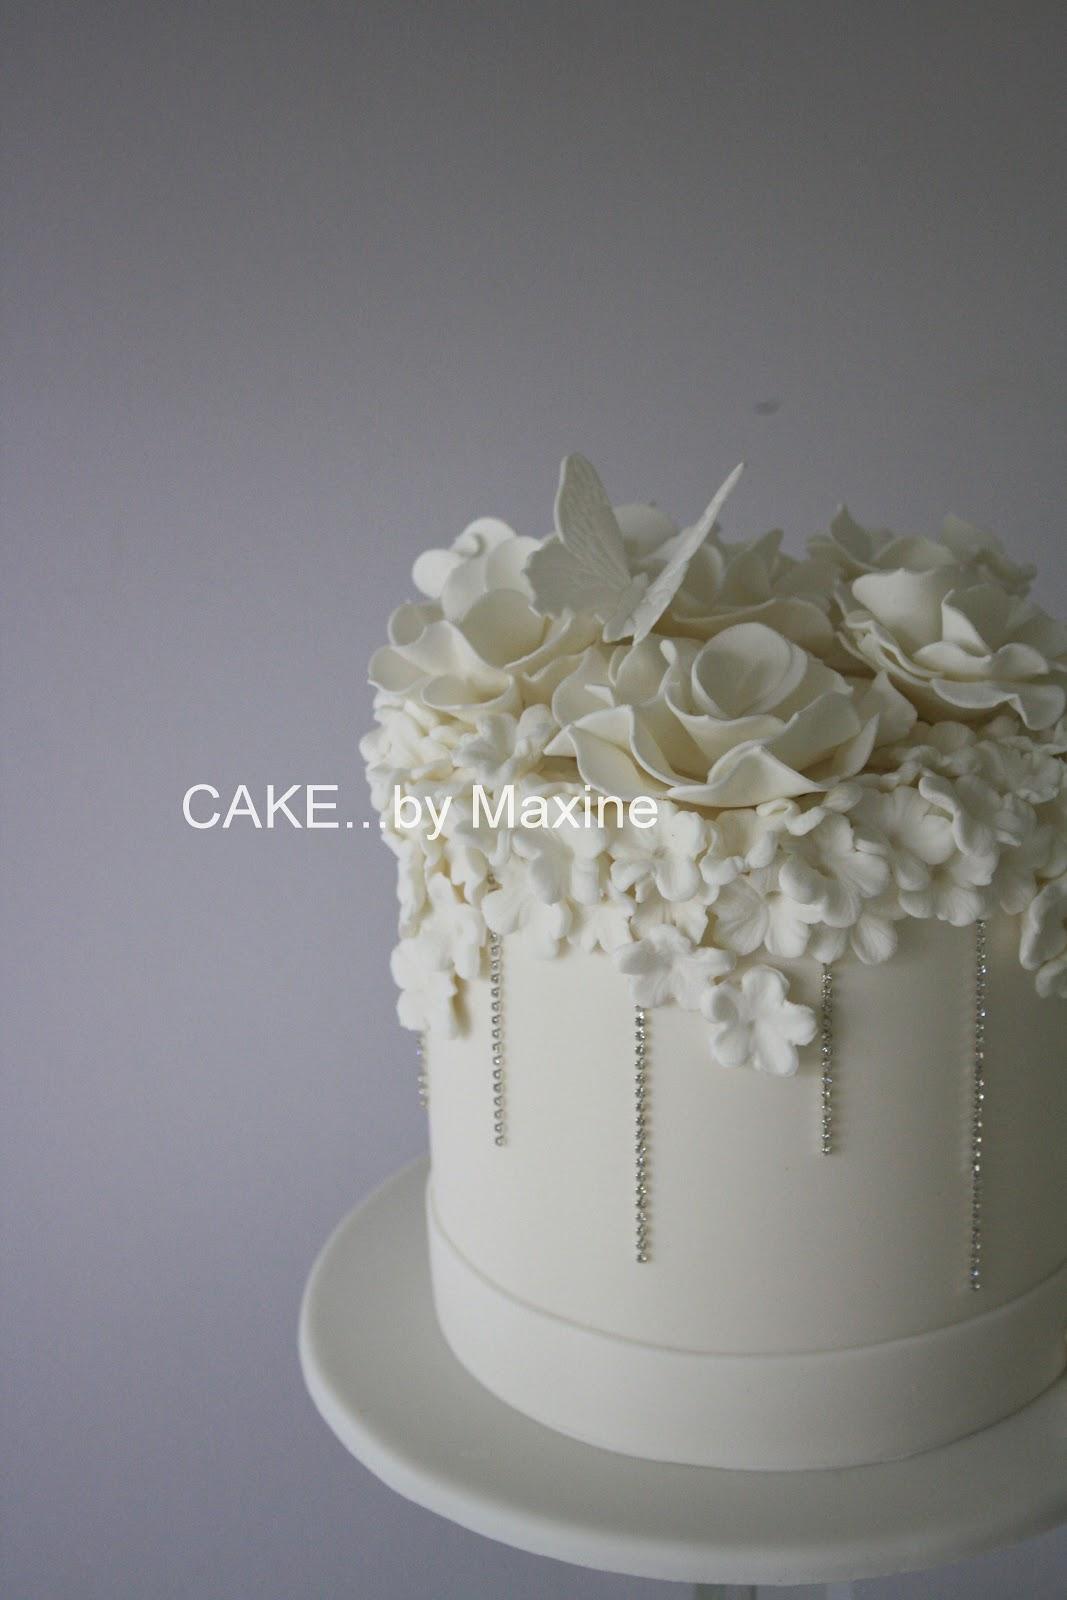 ManyWhiteBowls WHITE WEDDING CAKE WITH BLING